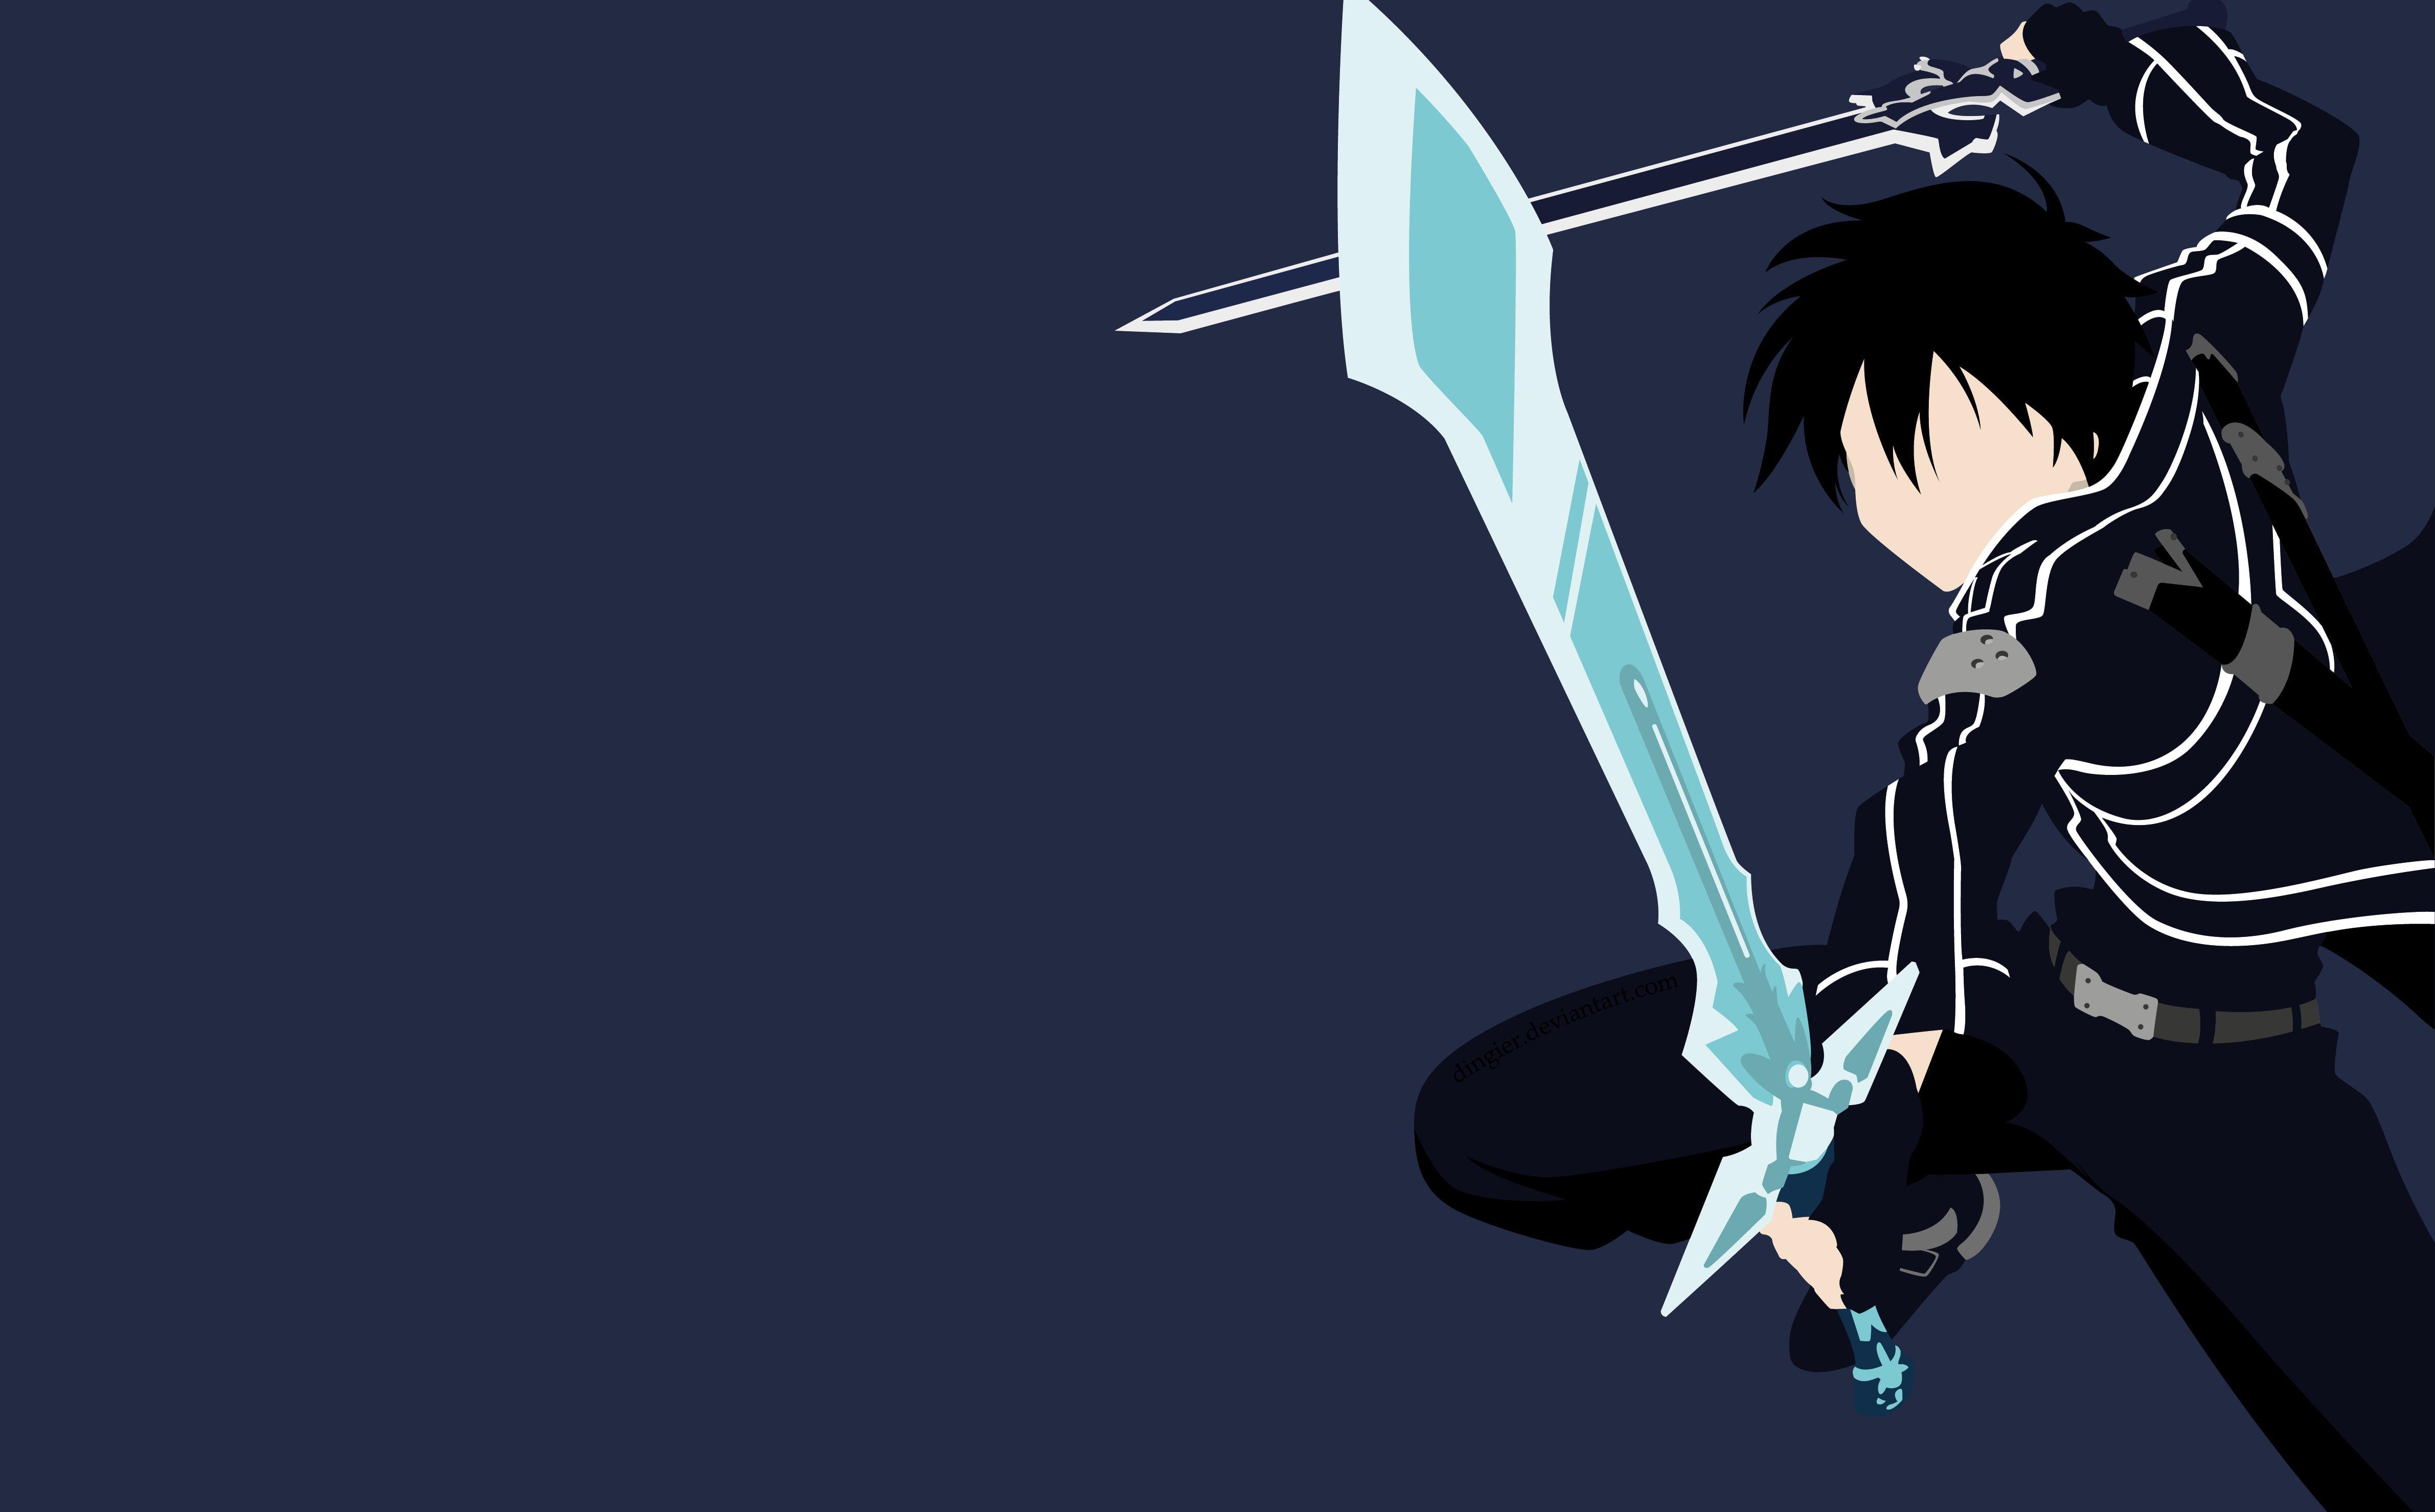 Sword Art Online Kazuto Kirigaya Kirito Sword Art Online 4k